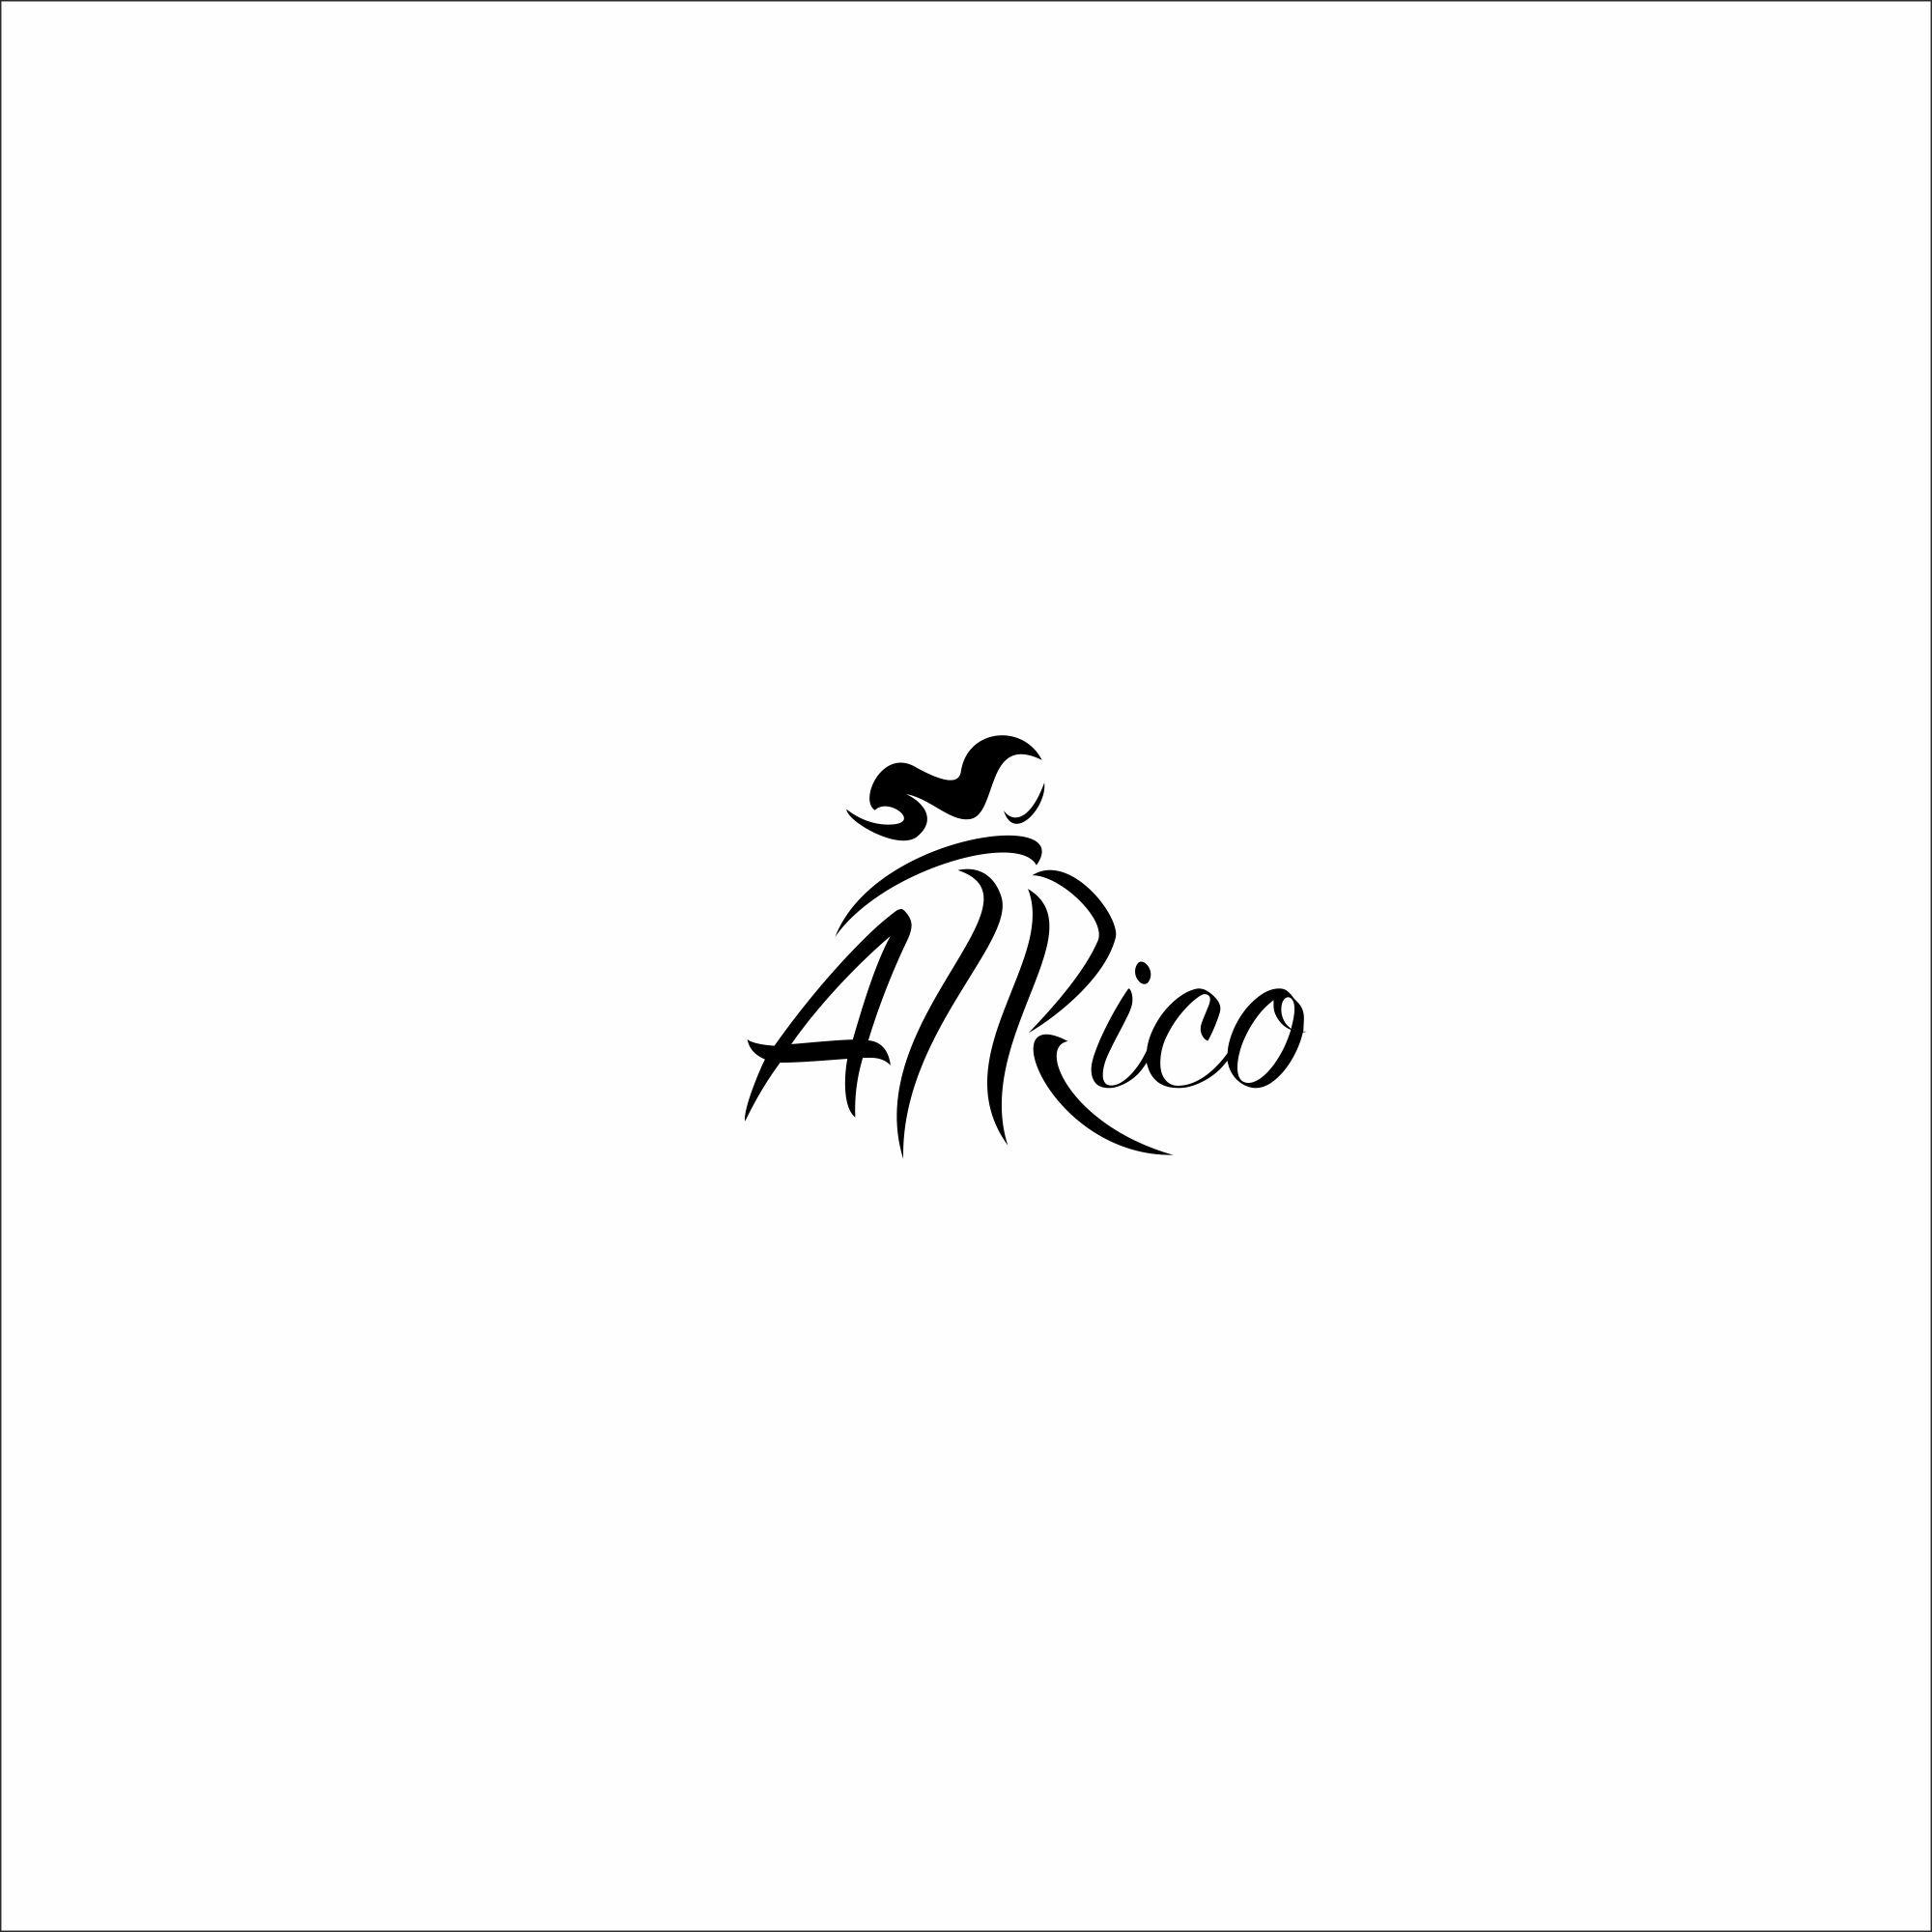 Логотип для брендовой пряжи и трикотажной одежды фото f_826600173707c992.jpg